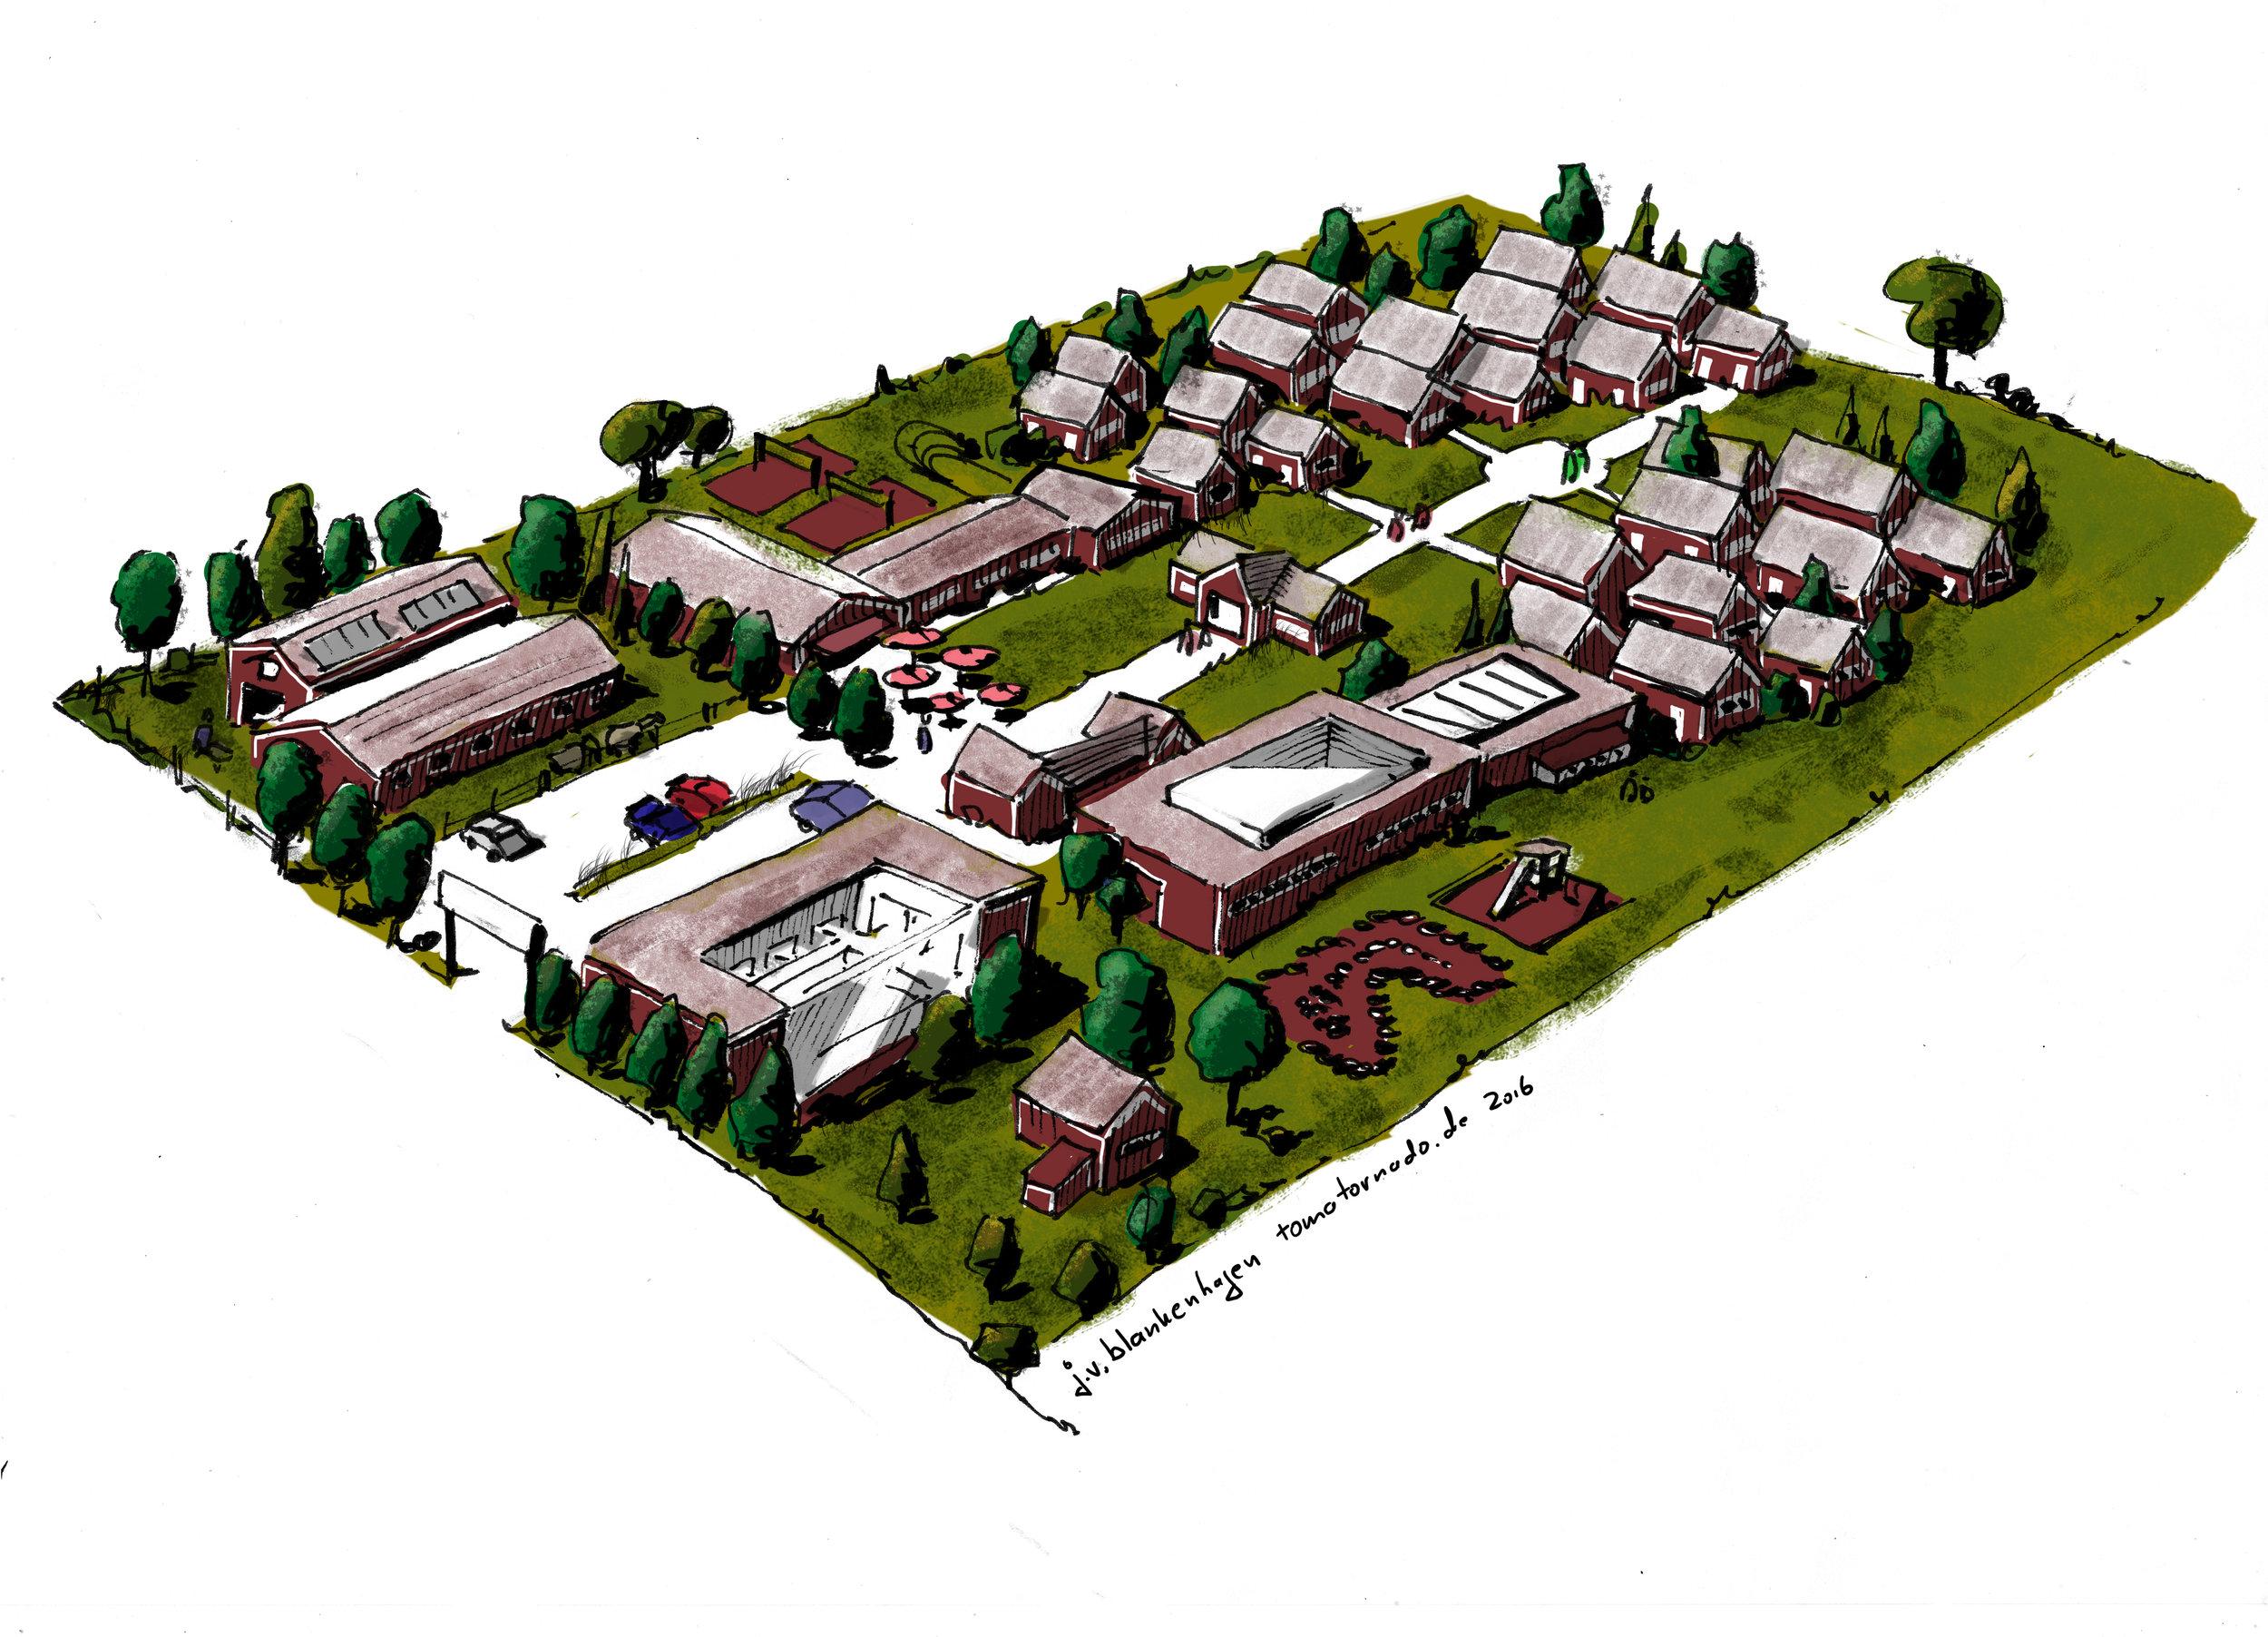 06-architecture-visual-village-autzeit.jpg